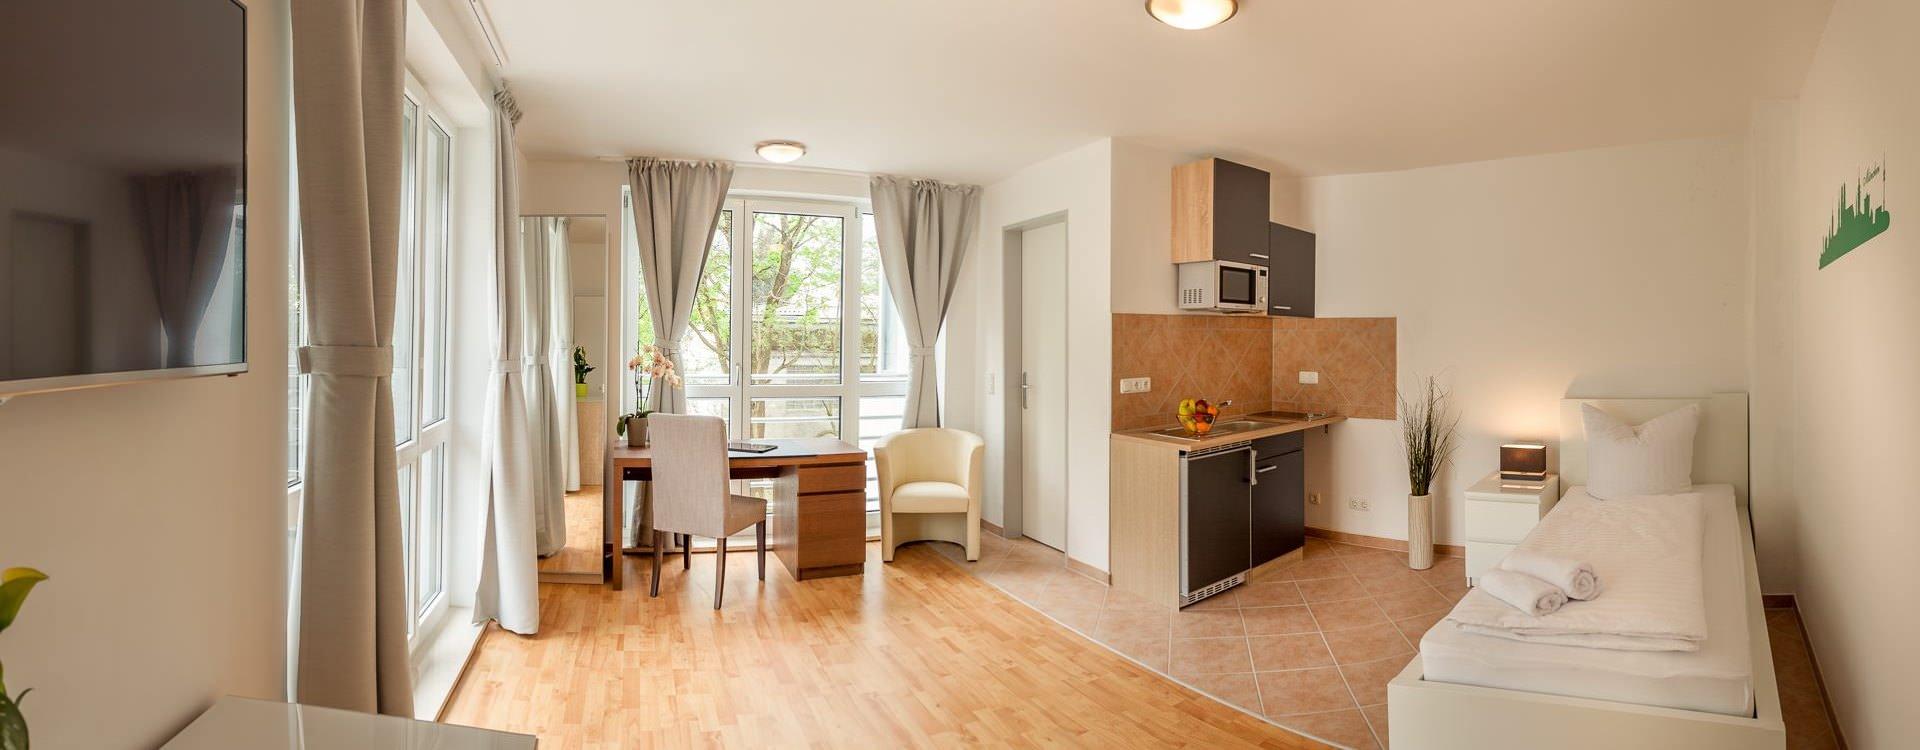 wohnen auf zeit in m nchen m blierte wohnungen und apartments langzeit apartments m nchen. Black Bedroom Furniture Sets. Home Design Ideas